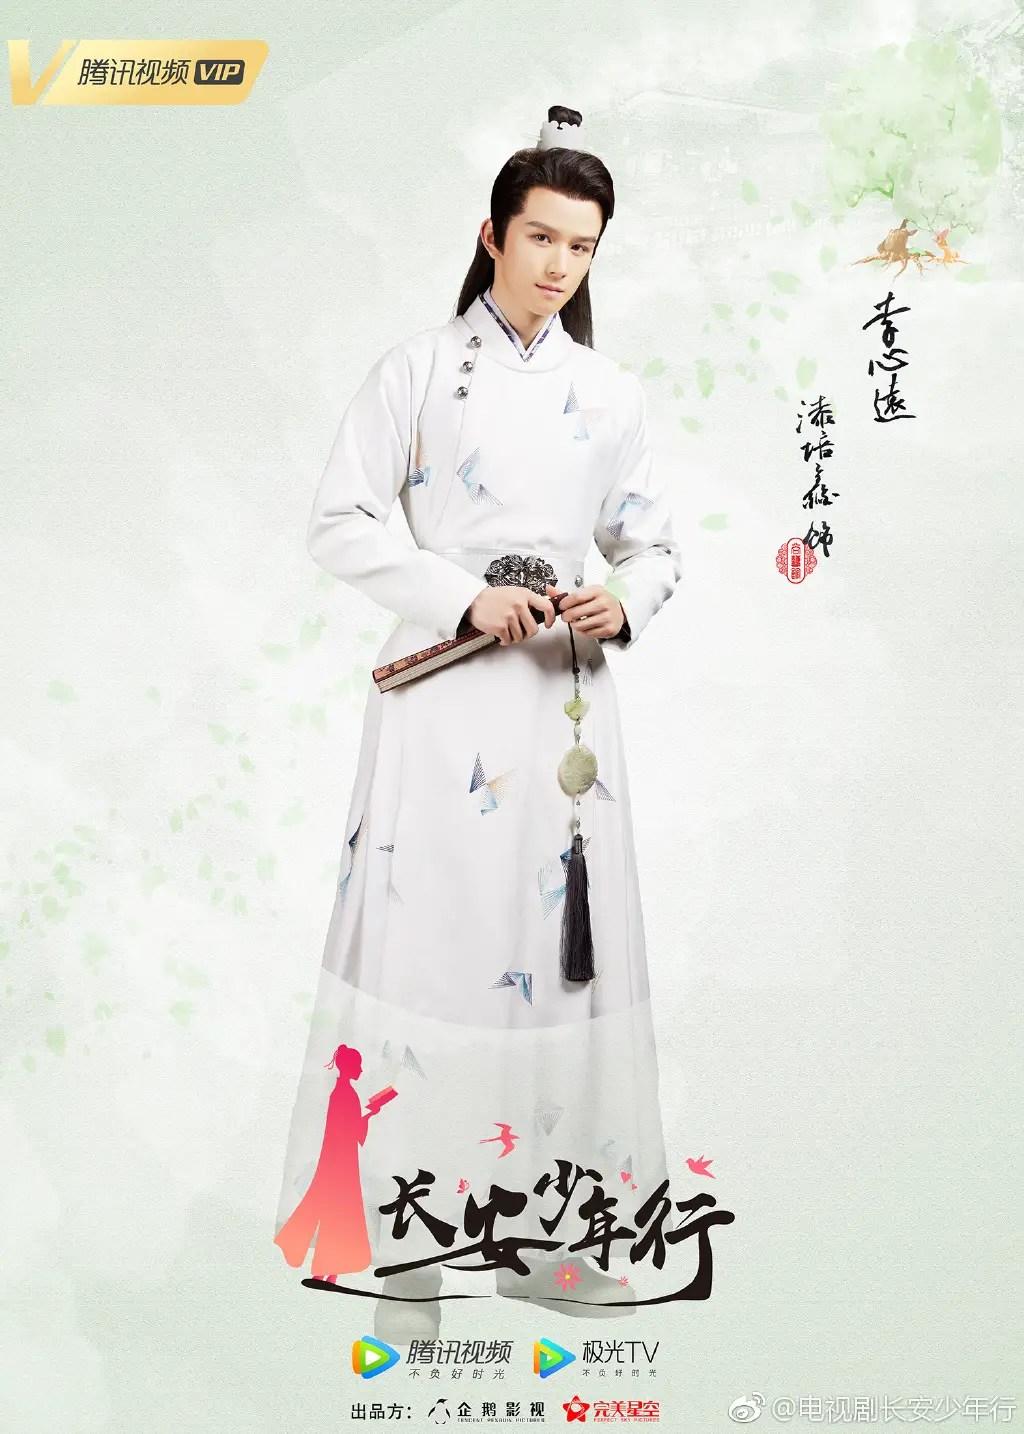 Qi Pei Xin